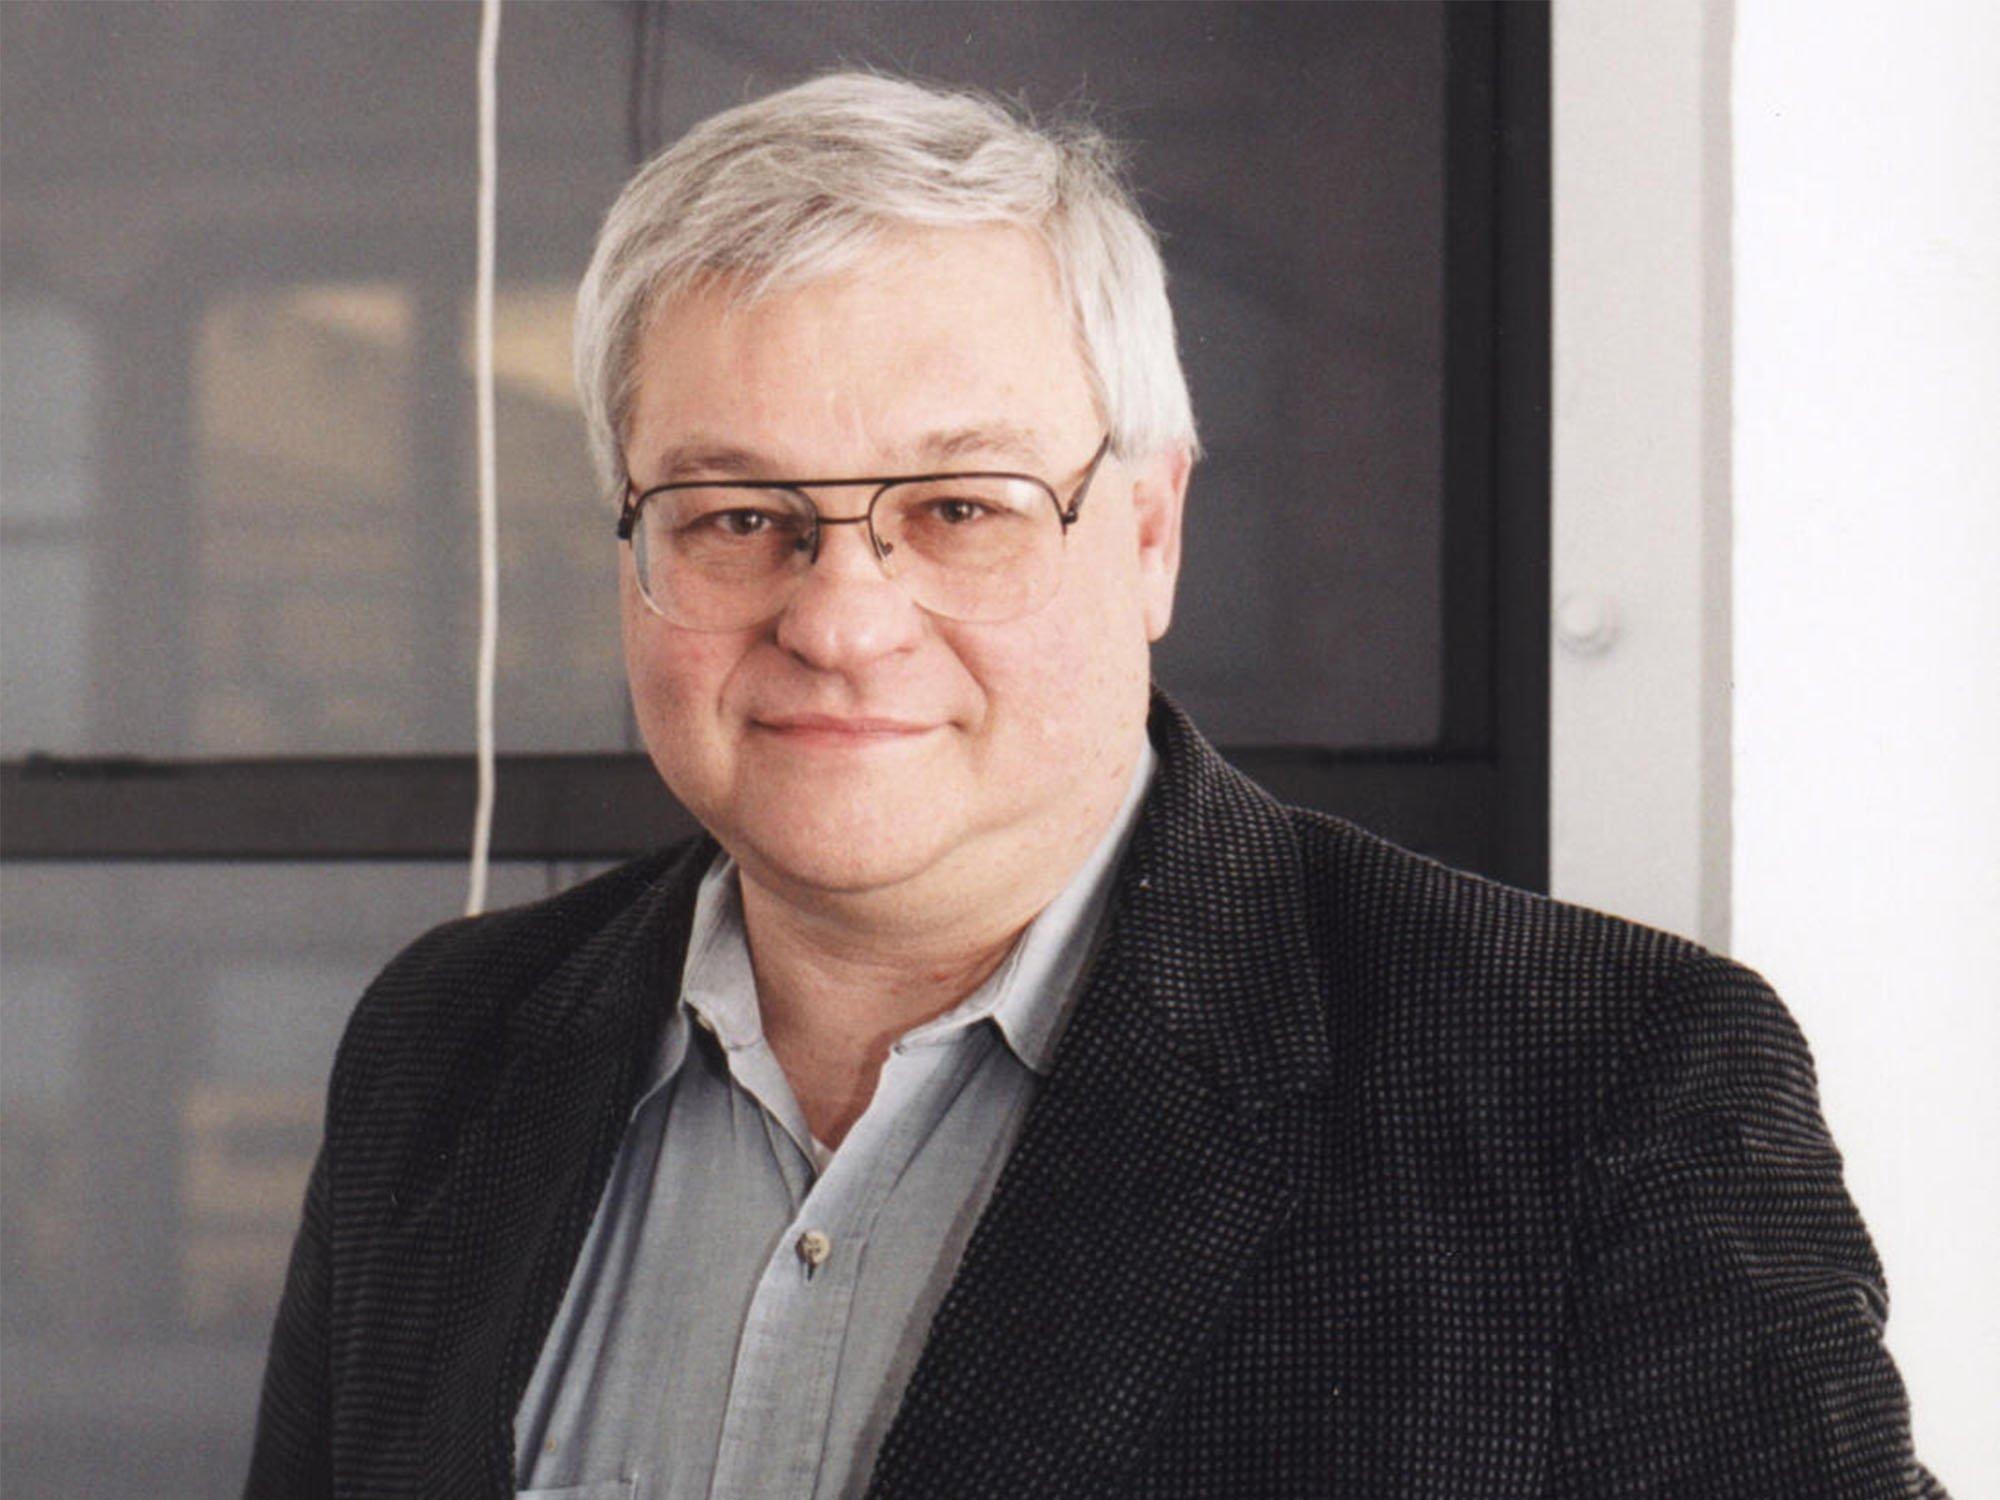 Martin Hoffert